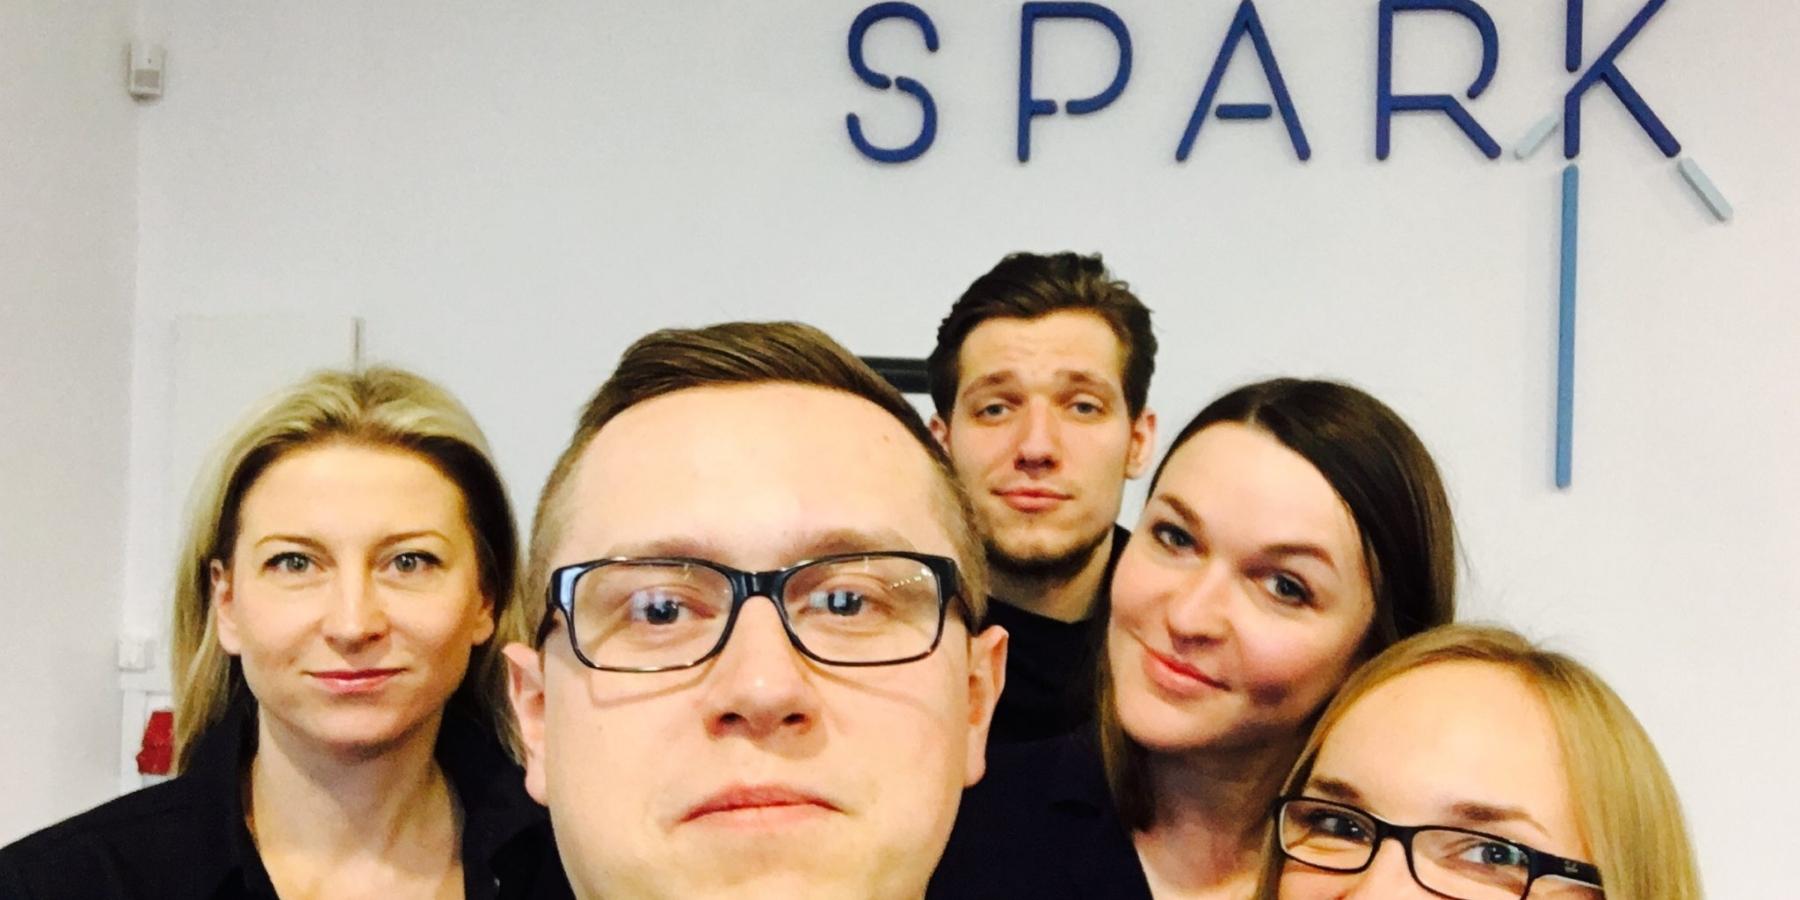 Rozmawiamy zAdrianem Milnikel iKamilem Kociszewskim natemat Startup Spark – Łódź tomiasto startupów, aniemeneli!